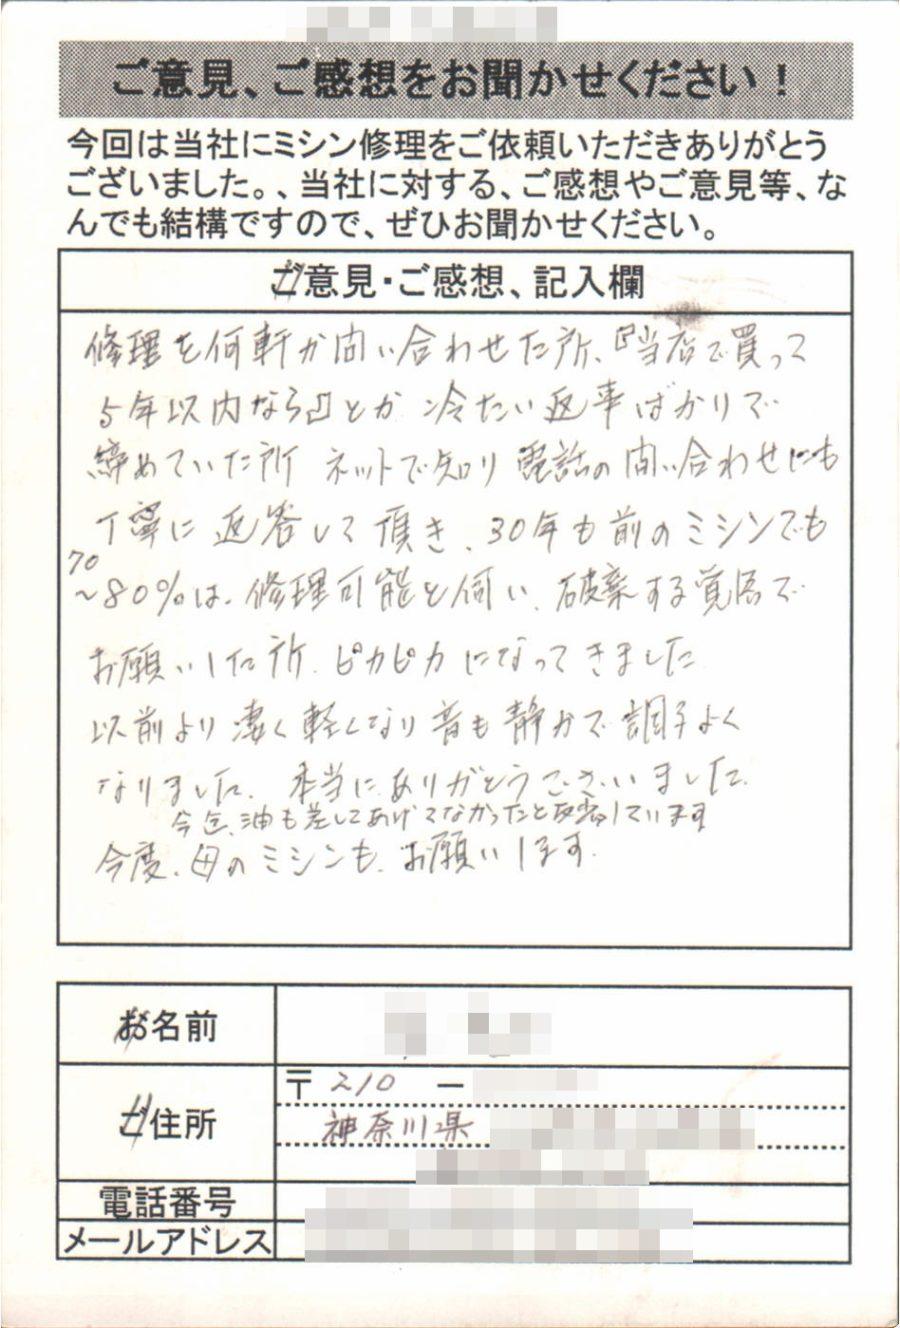 神奈川県からミシン修理のお客様の声